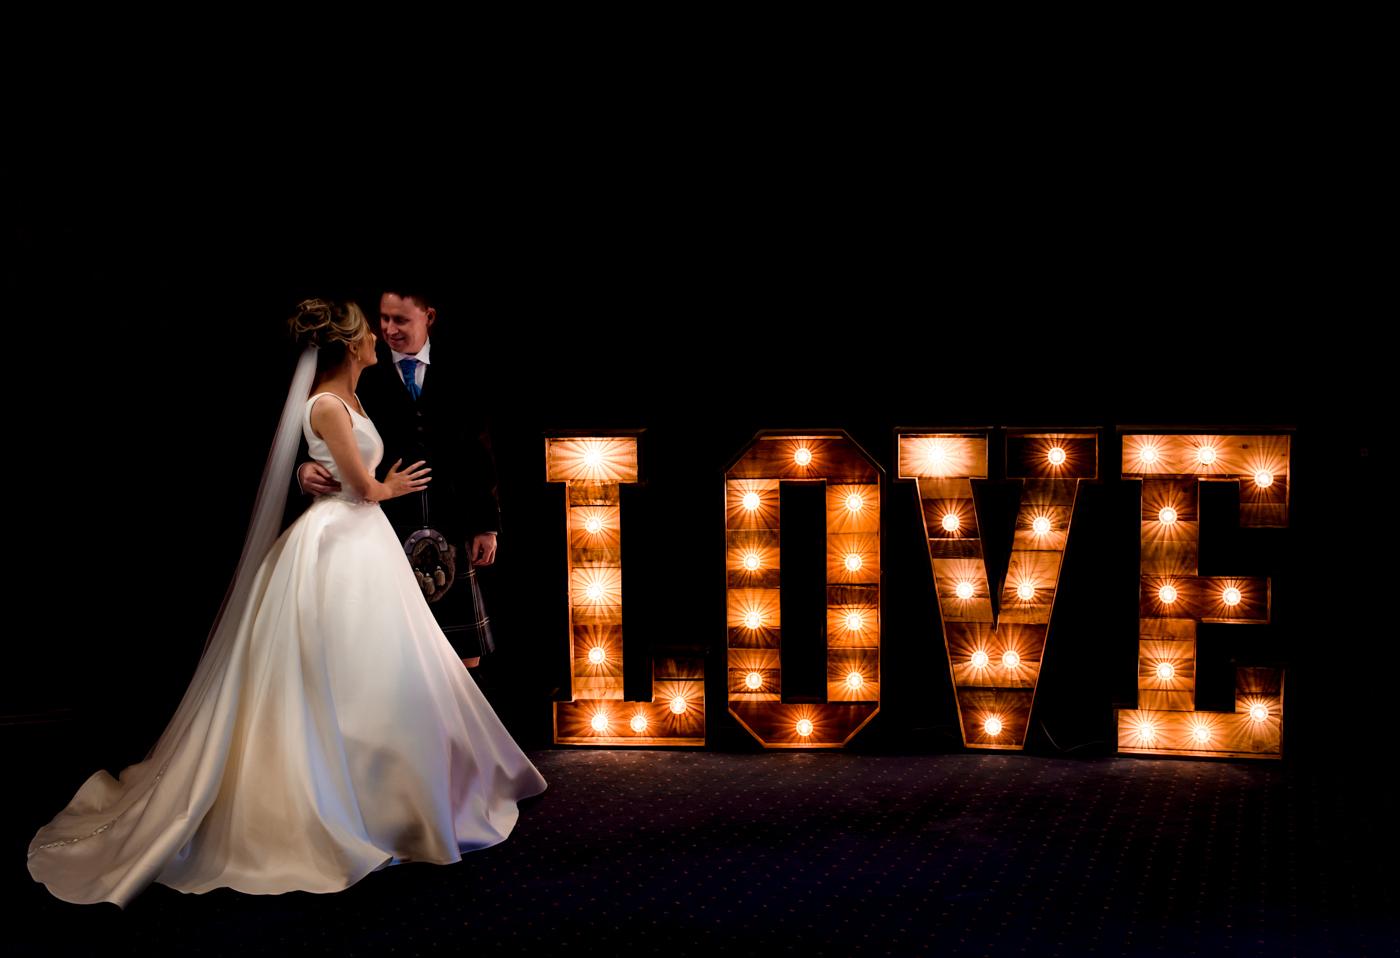 nairn wedding couple photos